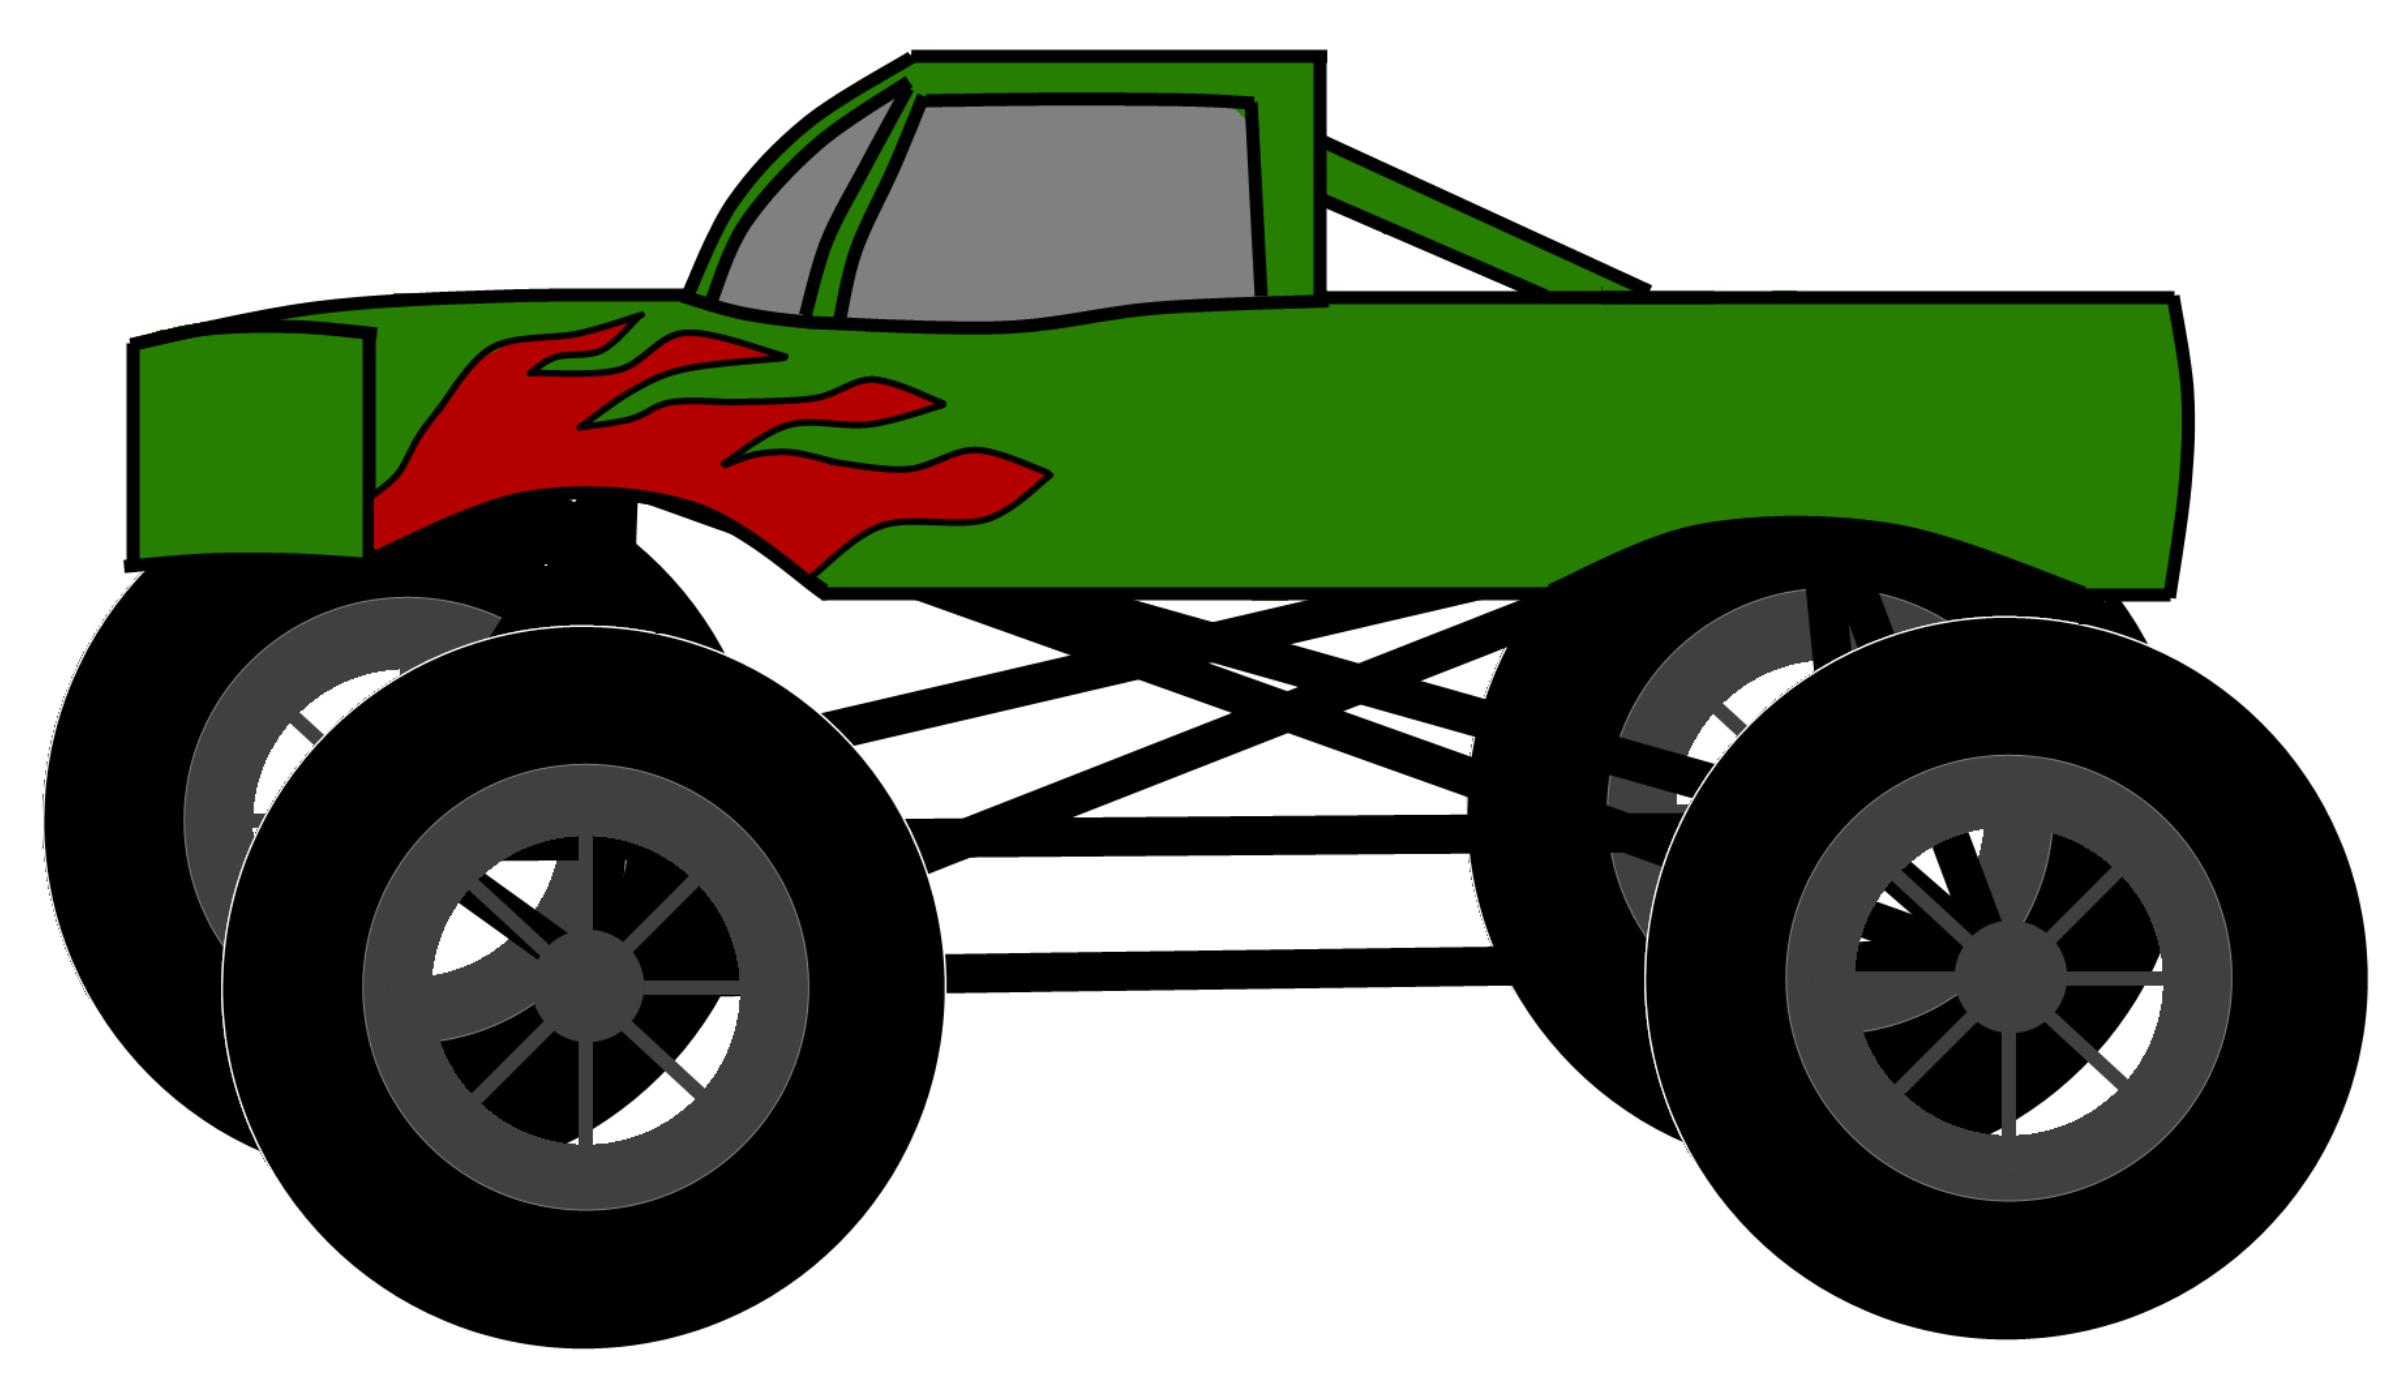 2400x1380 Free Clipart Of Monster Jam Monster Trucks